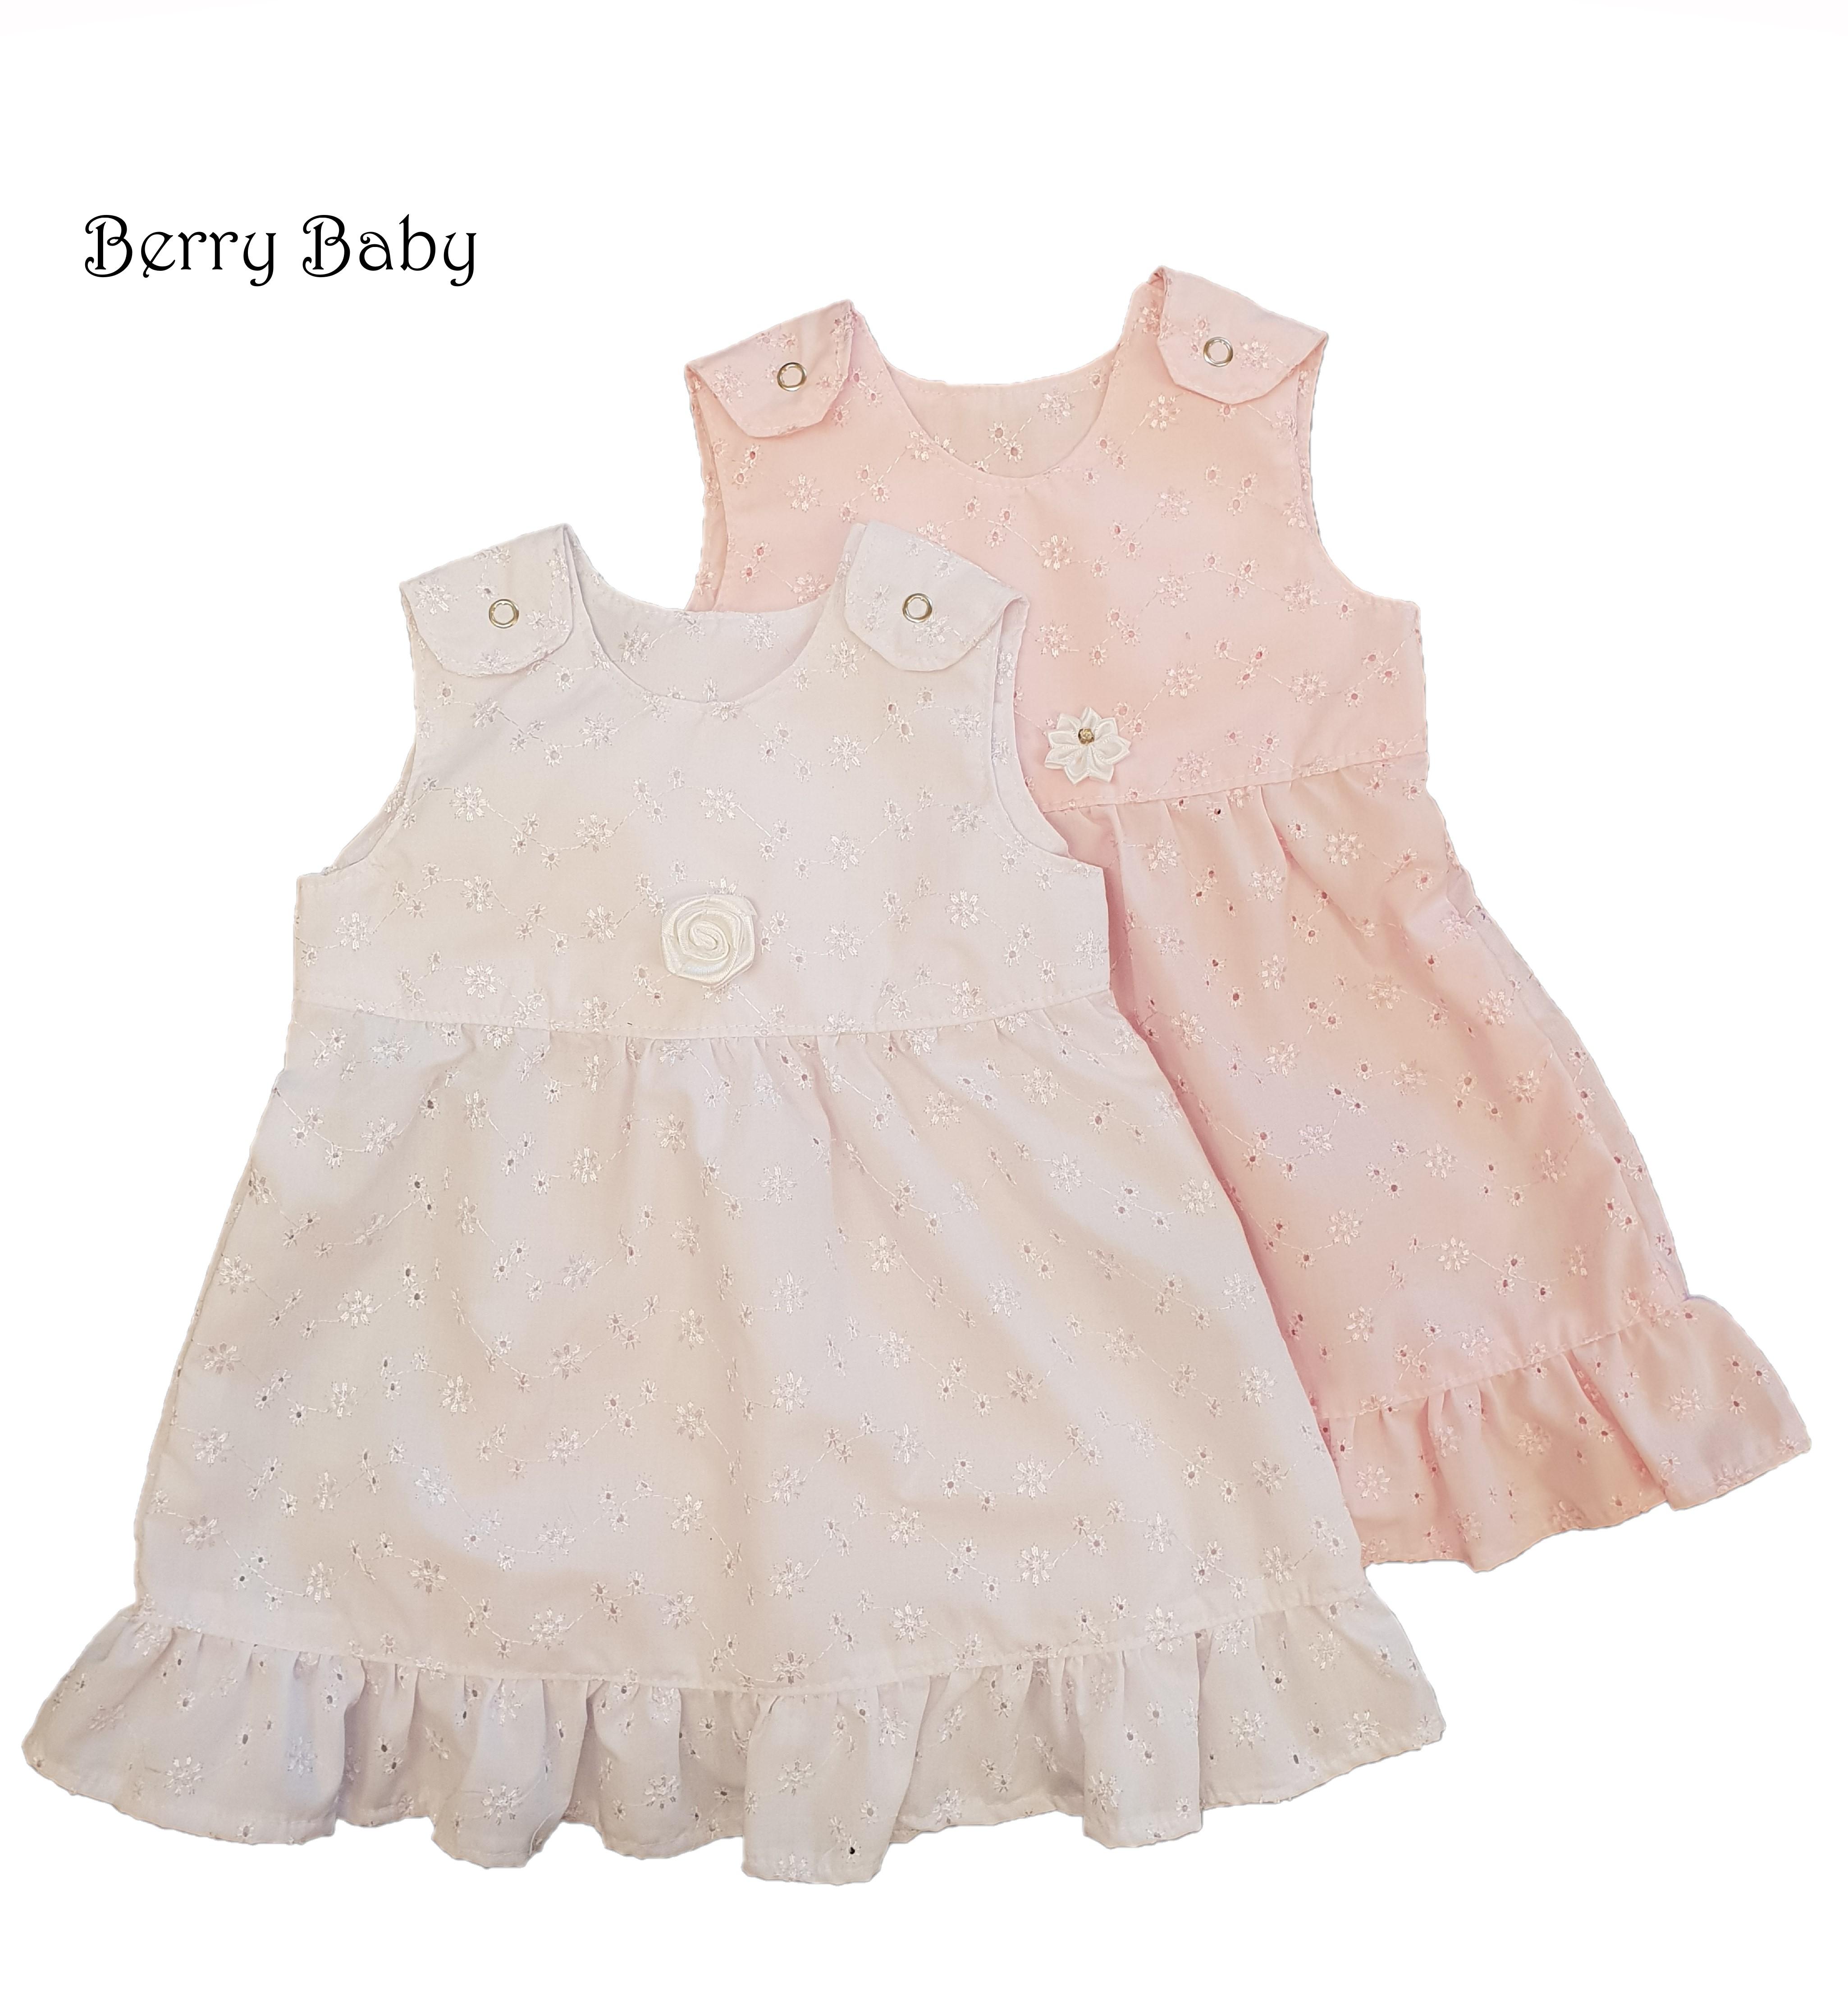 Madeirás keresztelő kisruha (fehér vagy rózsaszín színben) - Baba  keresztelő ruhák és kiegészítők- LÁNYKA 2ba6aa1ea7